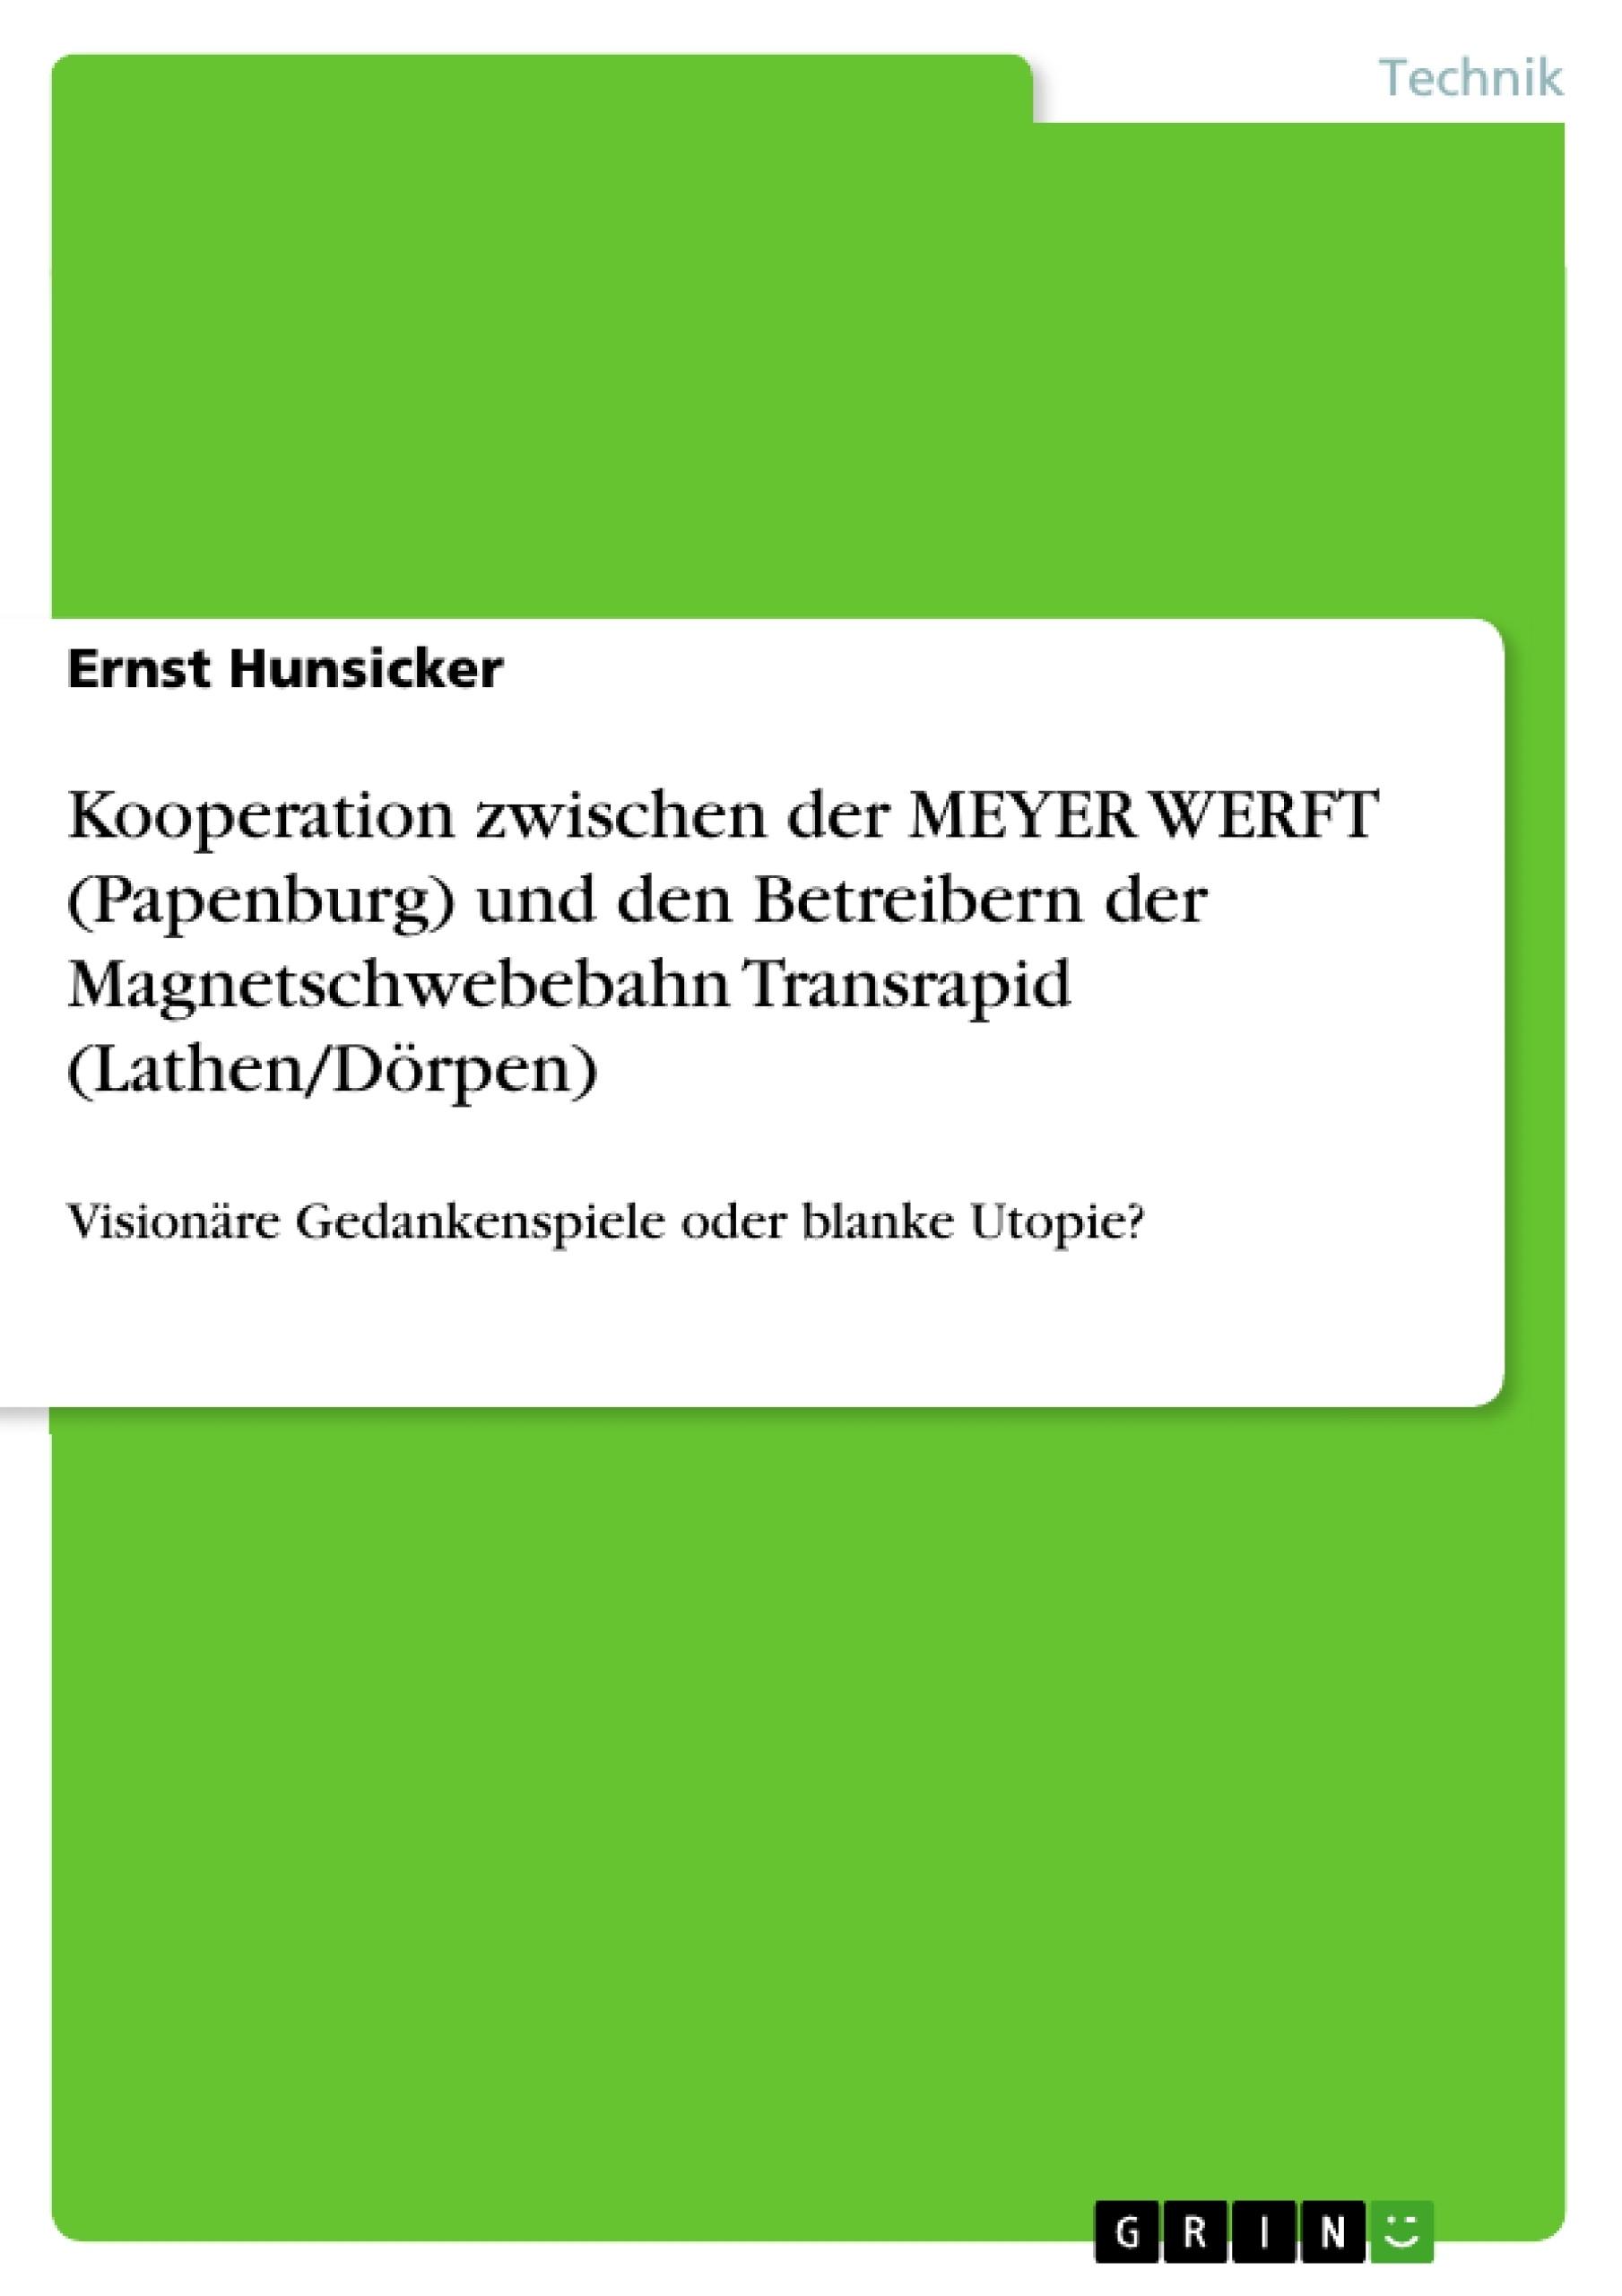 Titel: Kooperation zwischen der MEYER WERFT (Papenburg) und den Betreibern der Magnetschwebebahn Transrapid (Lathen/Dörpen)